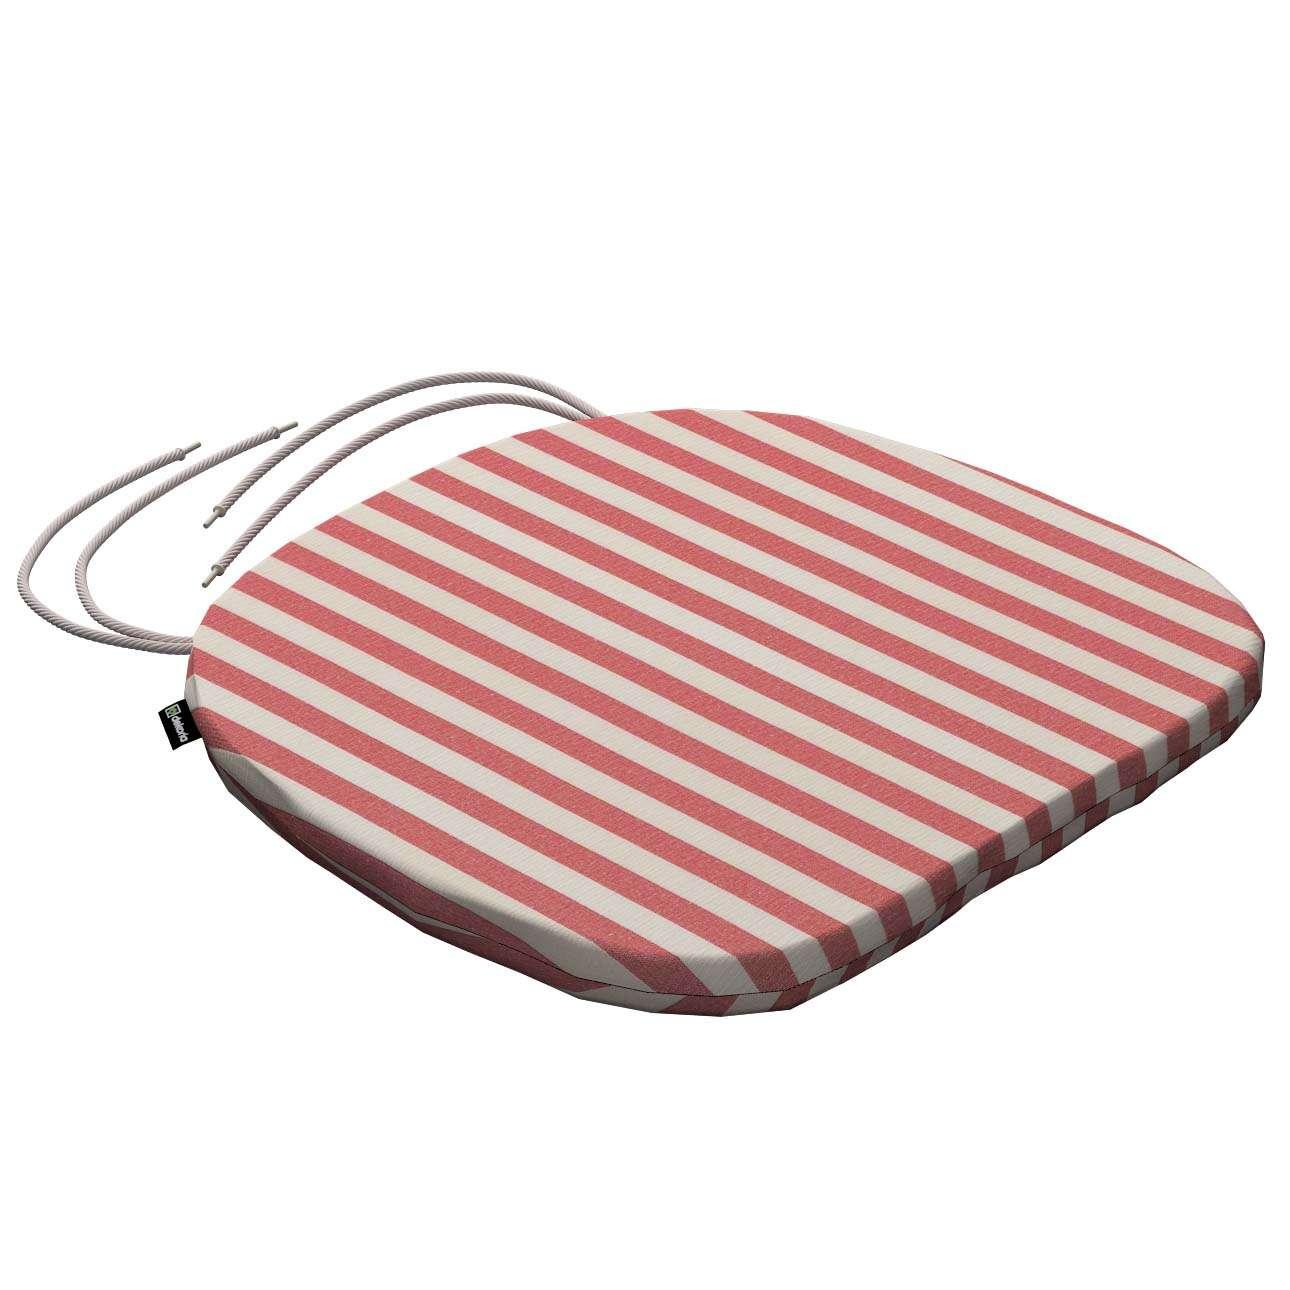 Siedzisko Bartek na krzesło 40x37x2,5cm w kolekcji Quadro, tkanina: 136-17